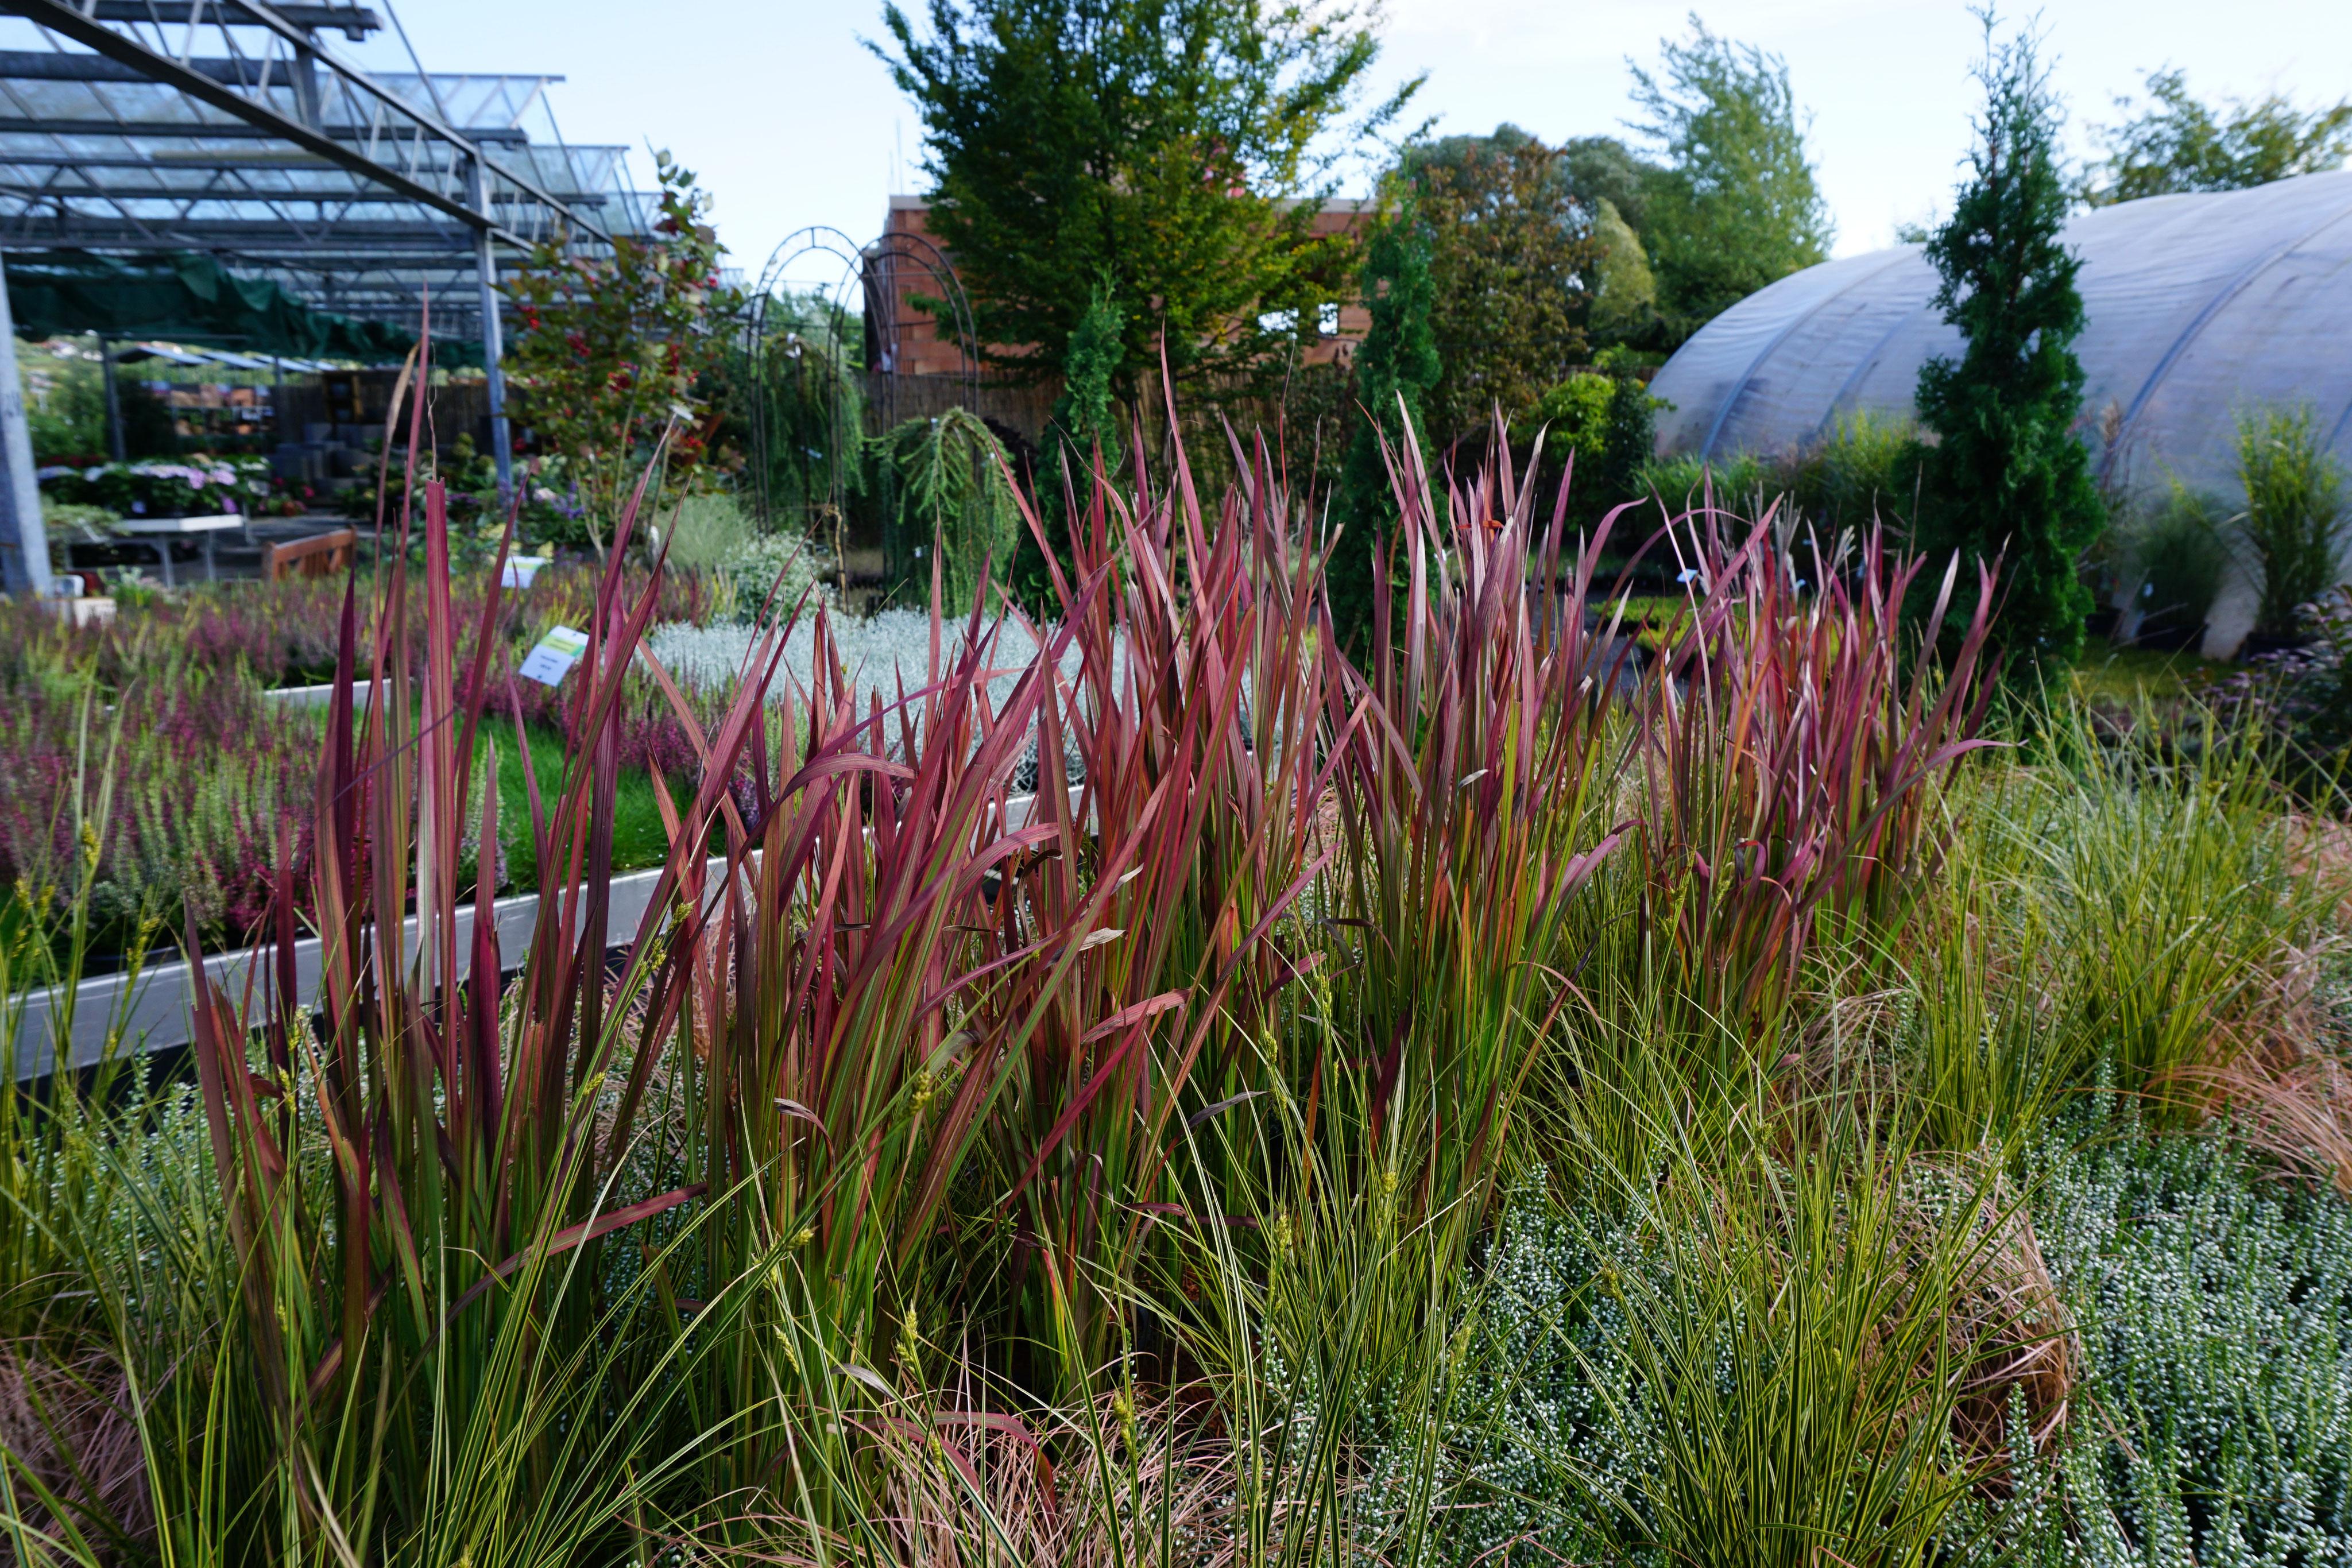 Gräser und Bambus - Pflanzenhof Nordshausen